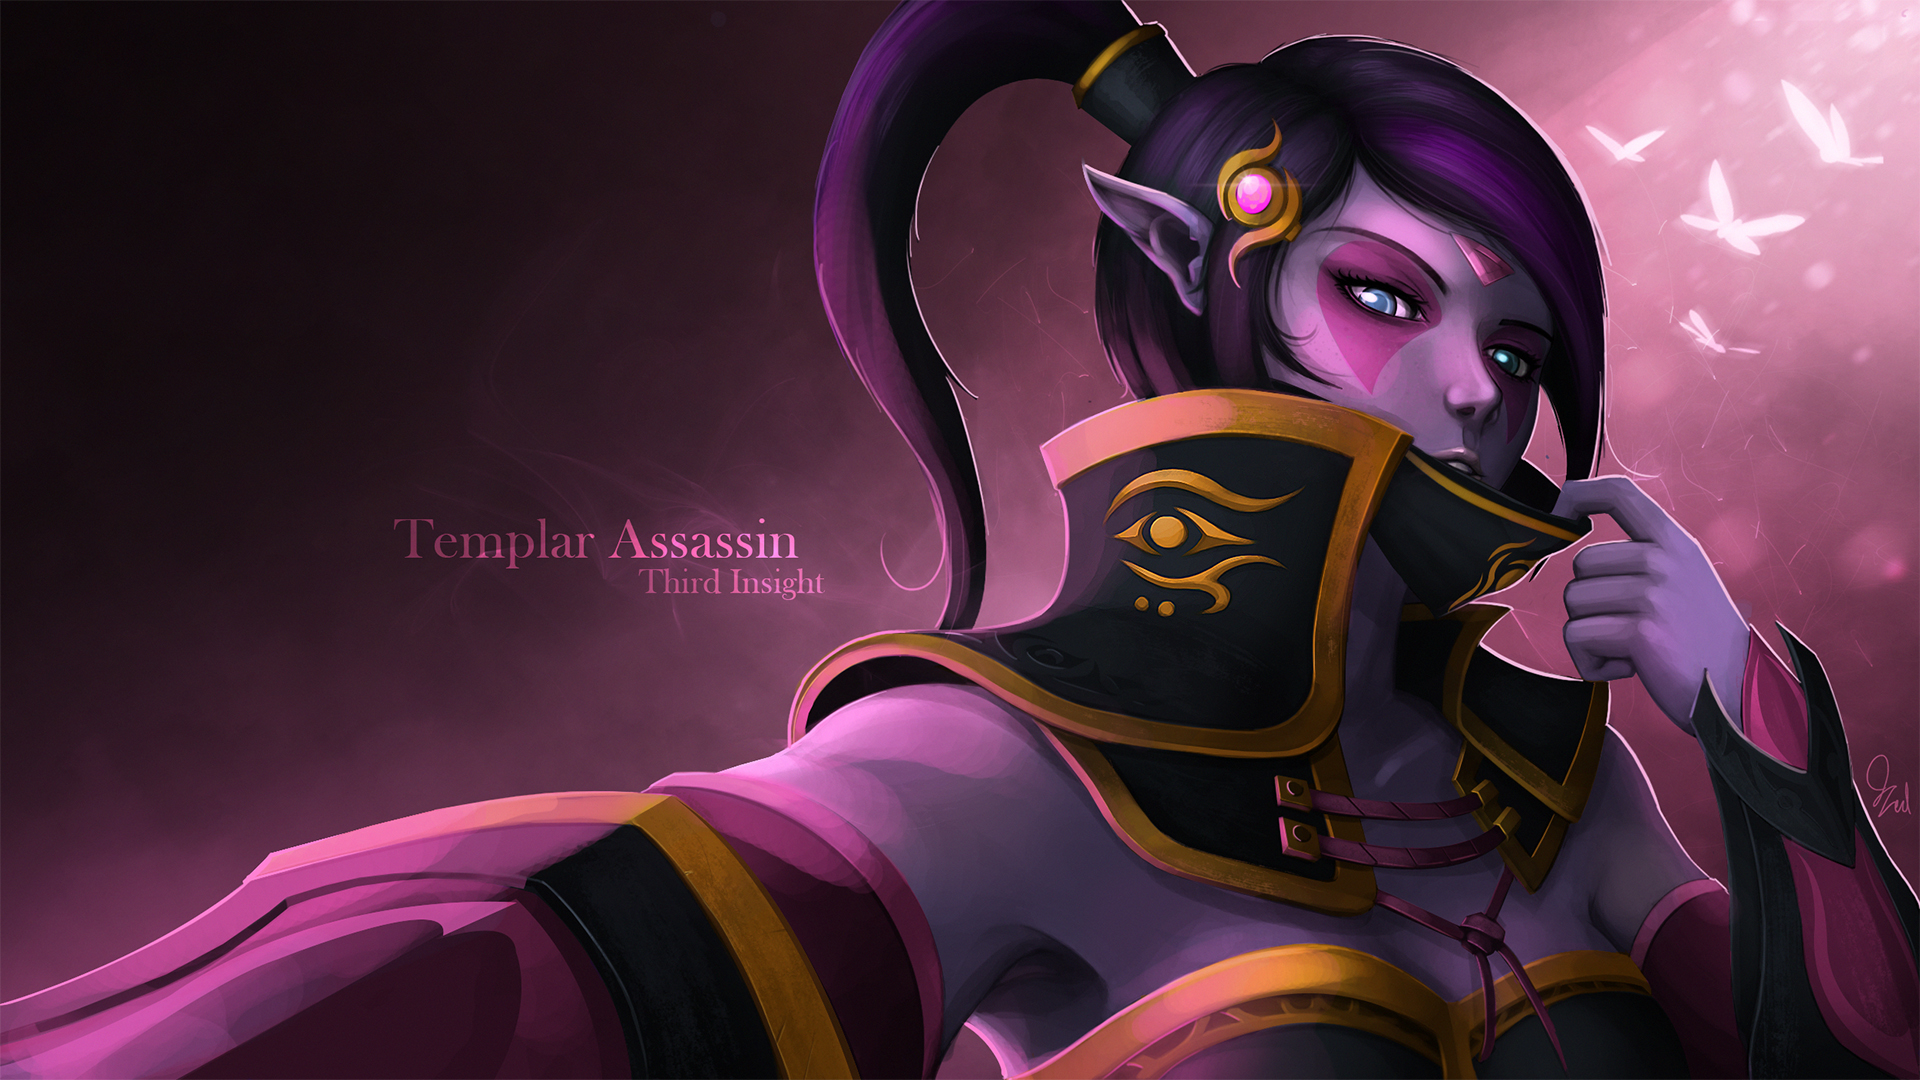 templar assassin by qassamzed on deviantart